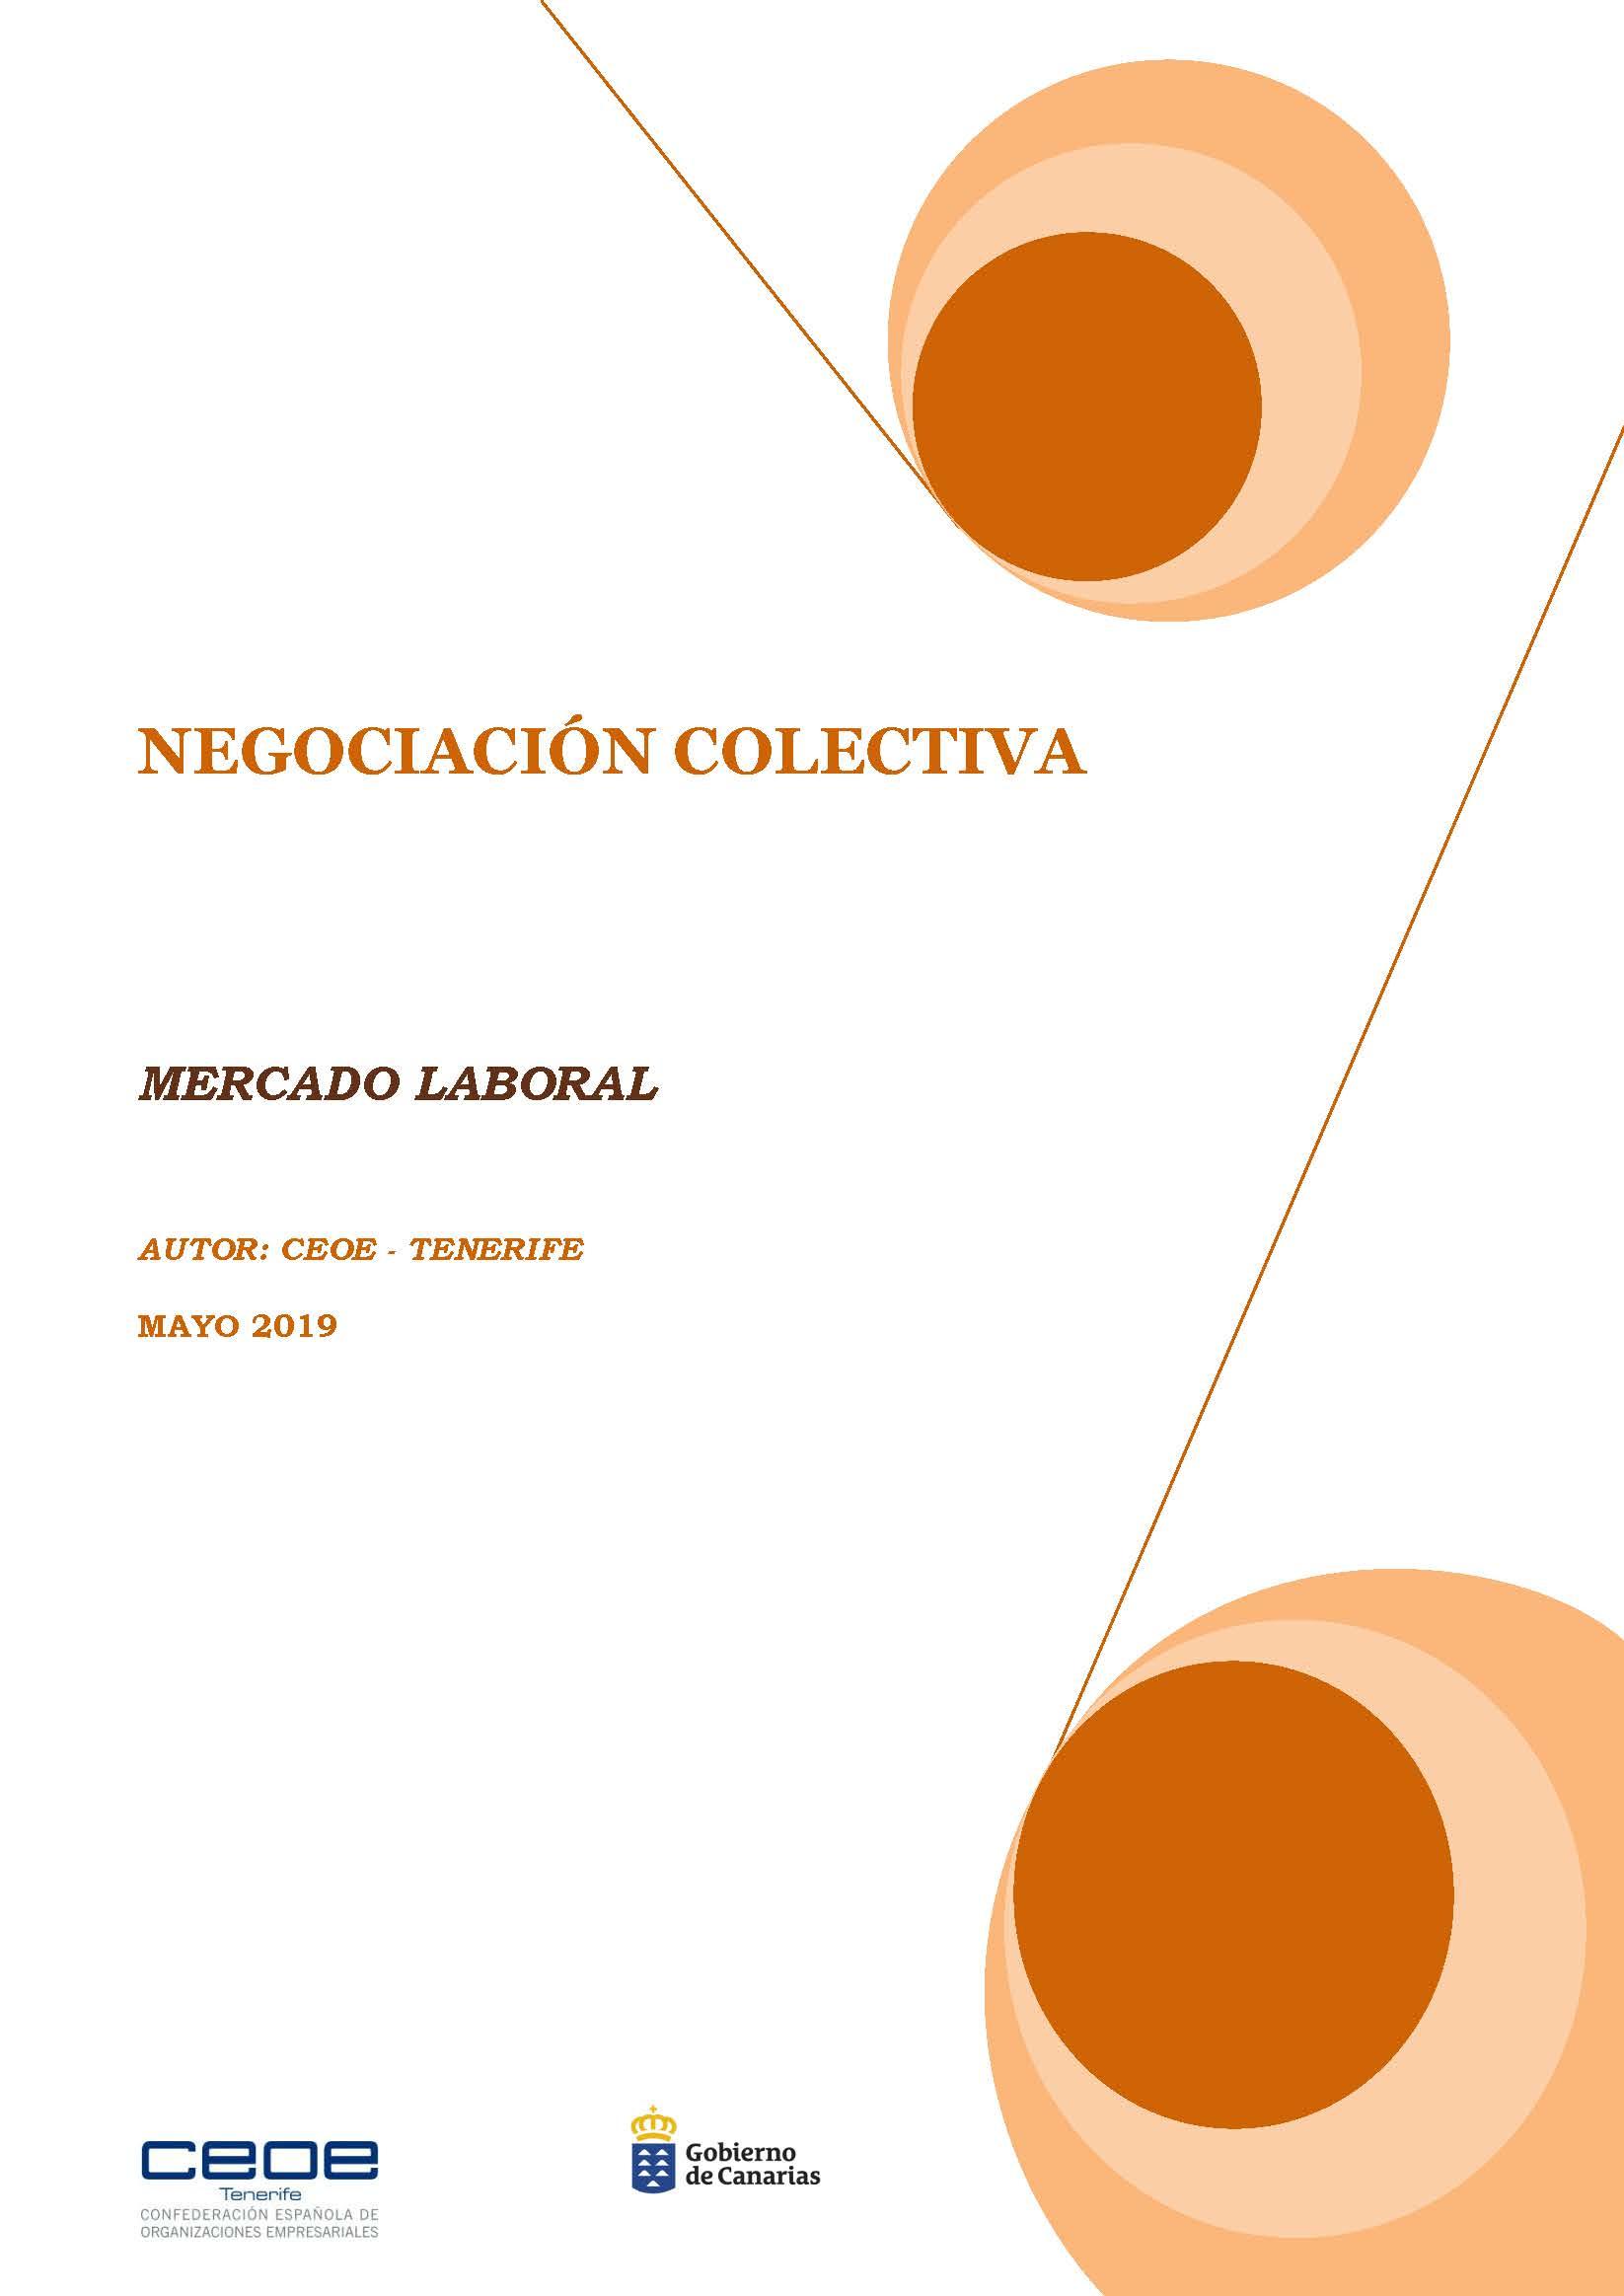 MERCADO LABORAL - NEGOCIACION COLECTIVA MAYO 2019